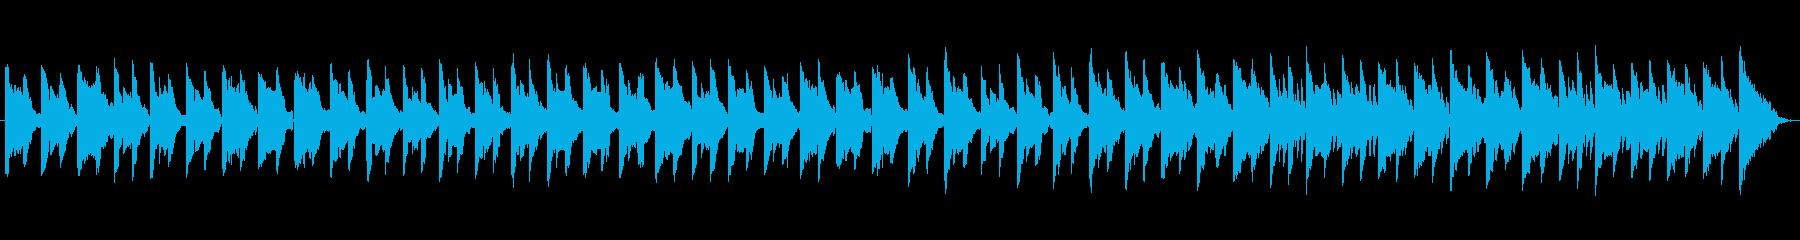 エレクトリックピアノ、ローギター、...の再生済みの波形